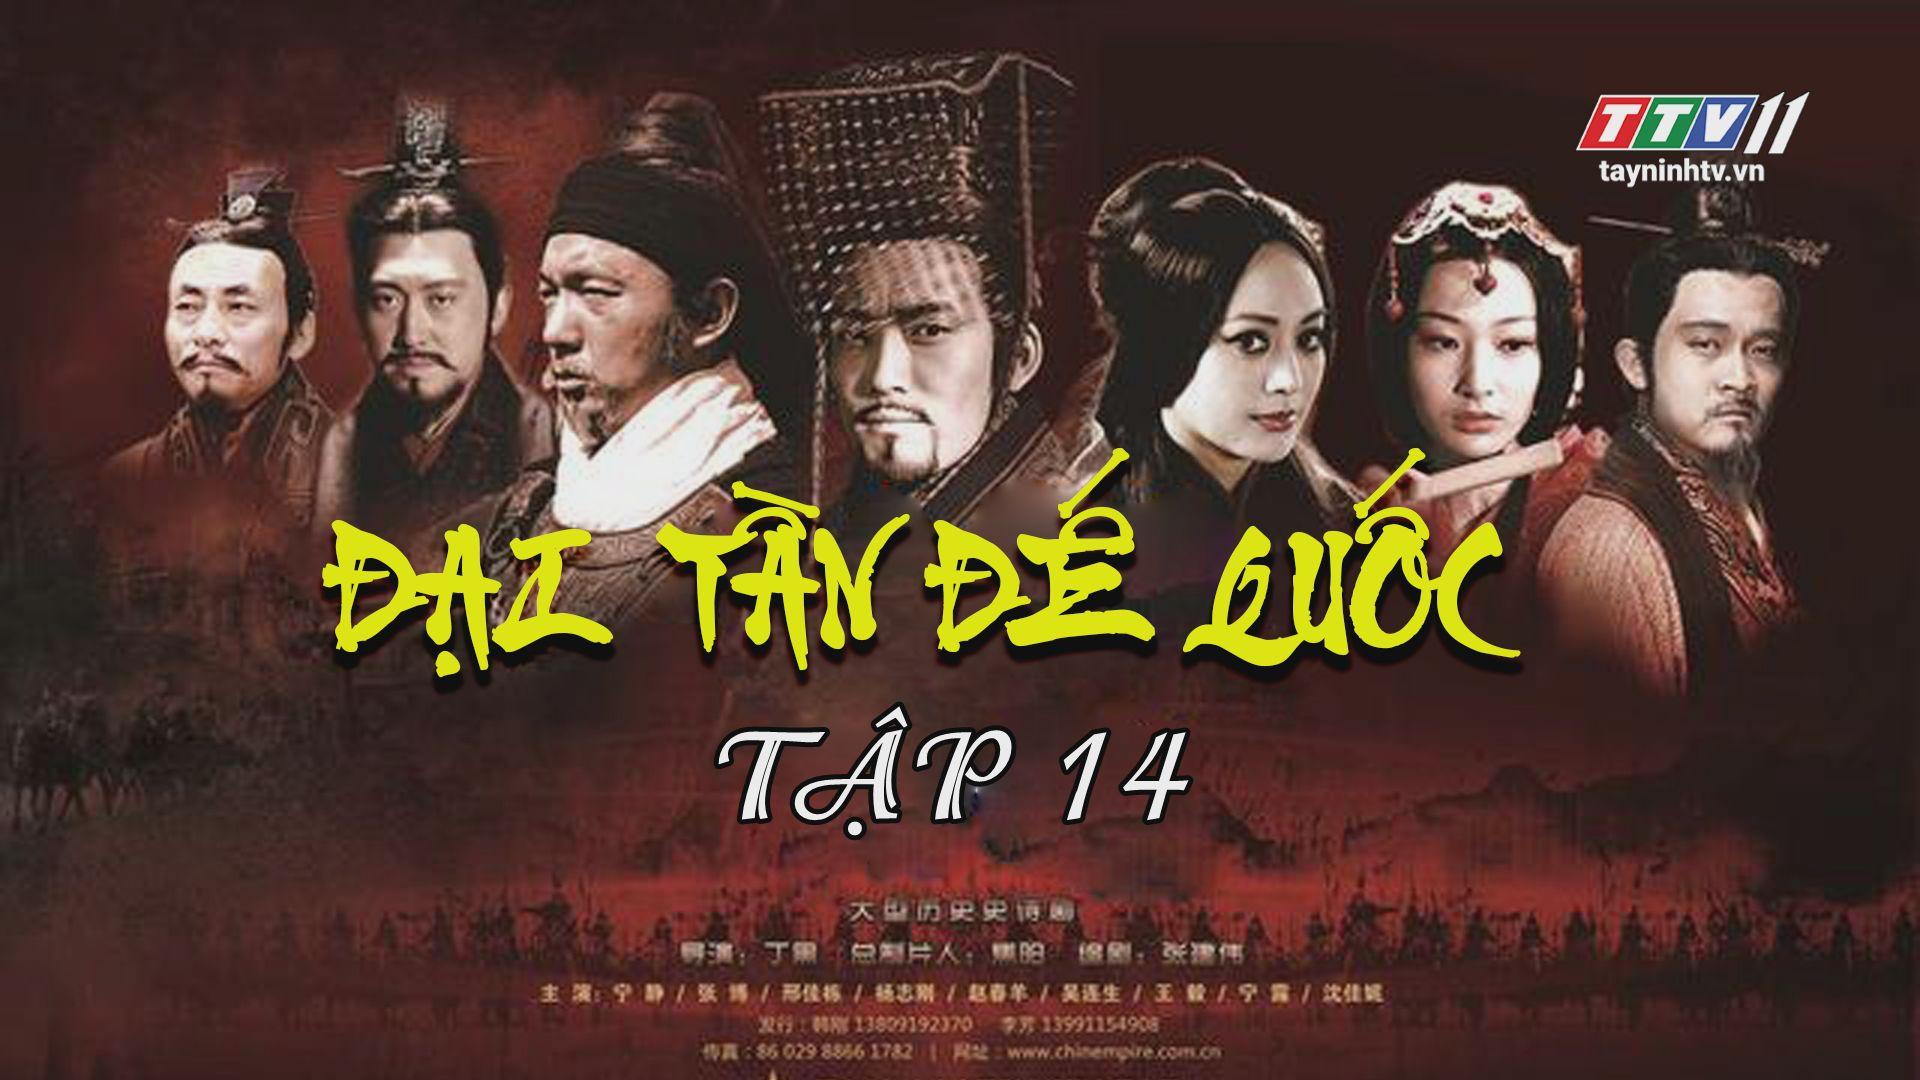 Tập 14 | ĐẠI TẦN ĐẾ QUỐC - Phần 3 - QUẬT KHỞI - FULL HD | TayNinhTV